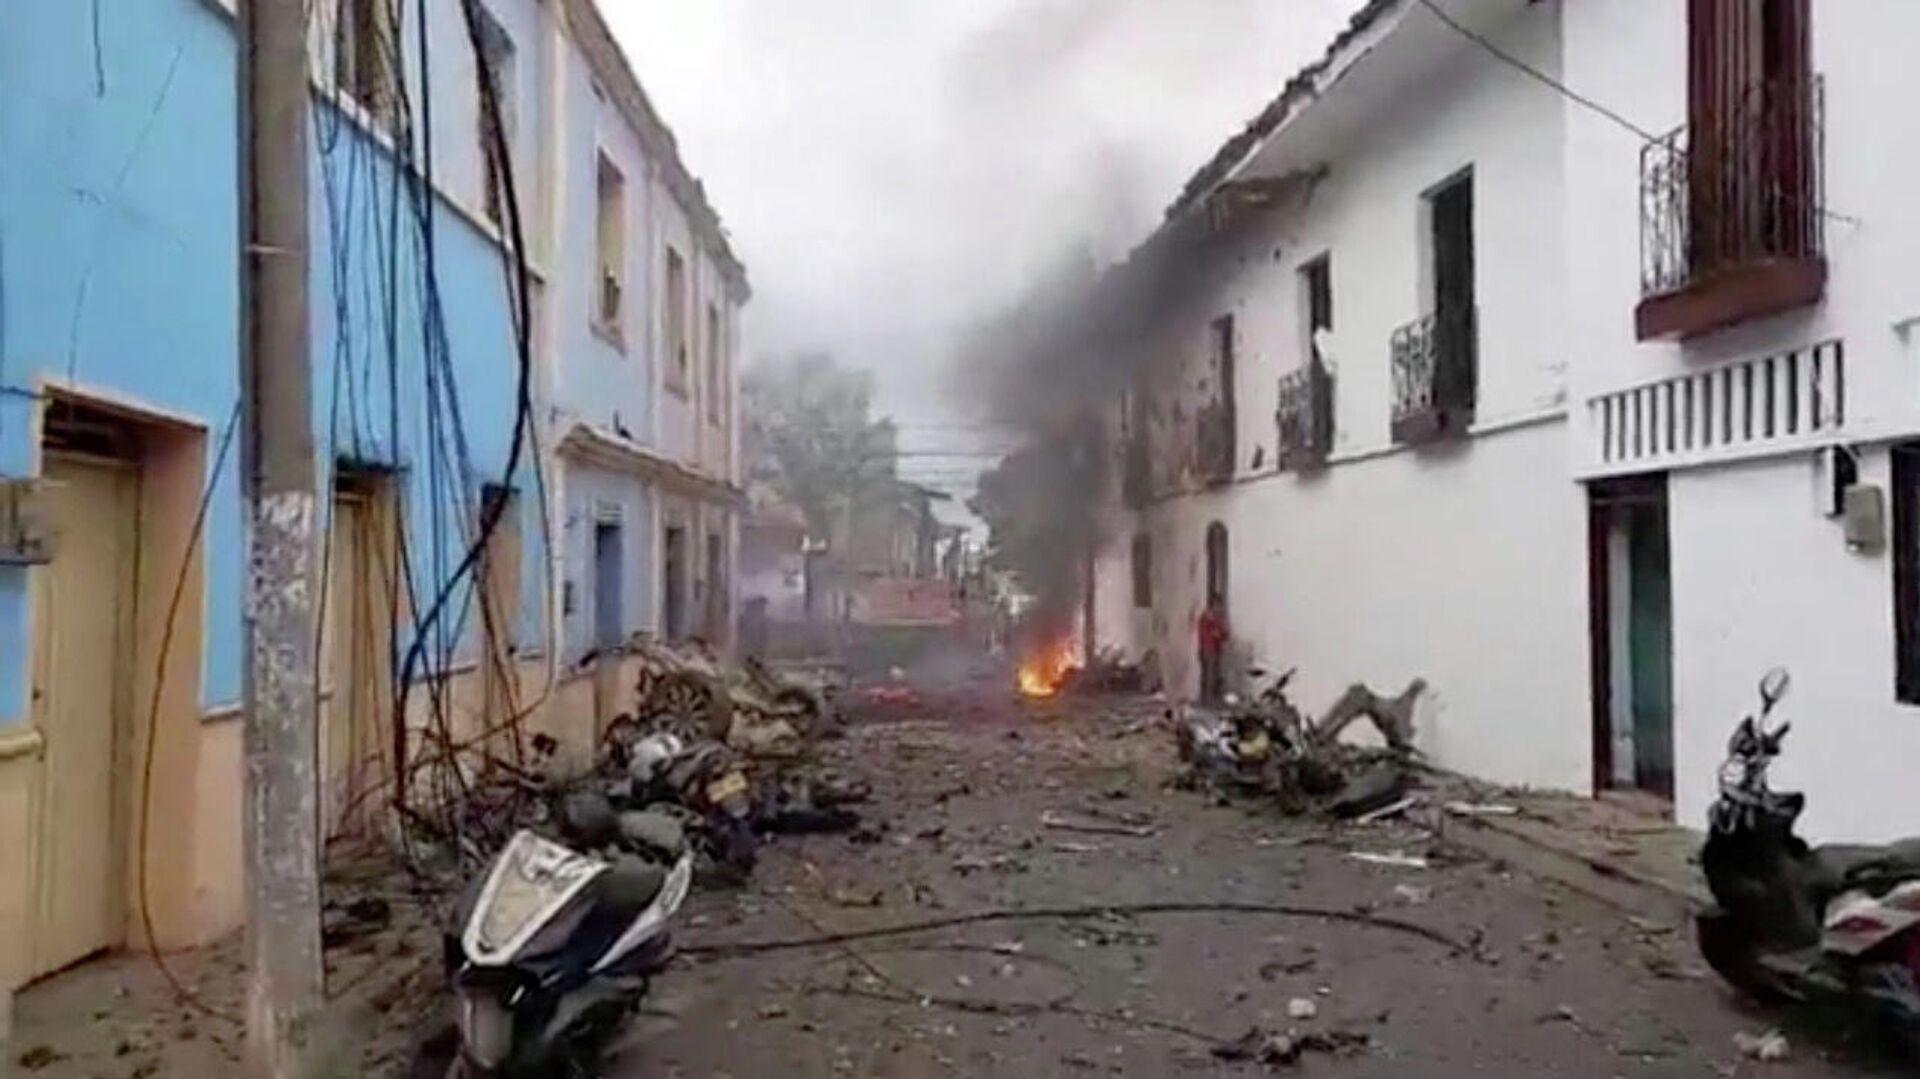 Lugar de explosión en la ciudad colombiana de Corinto - Sputnik Mundo, 1920, 26.03.2021